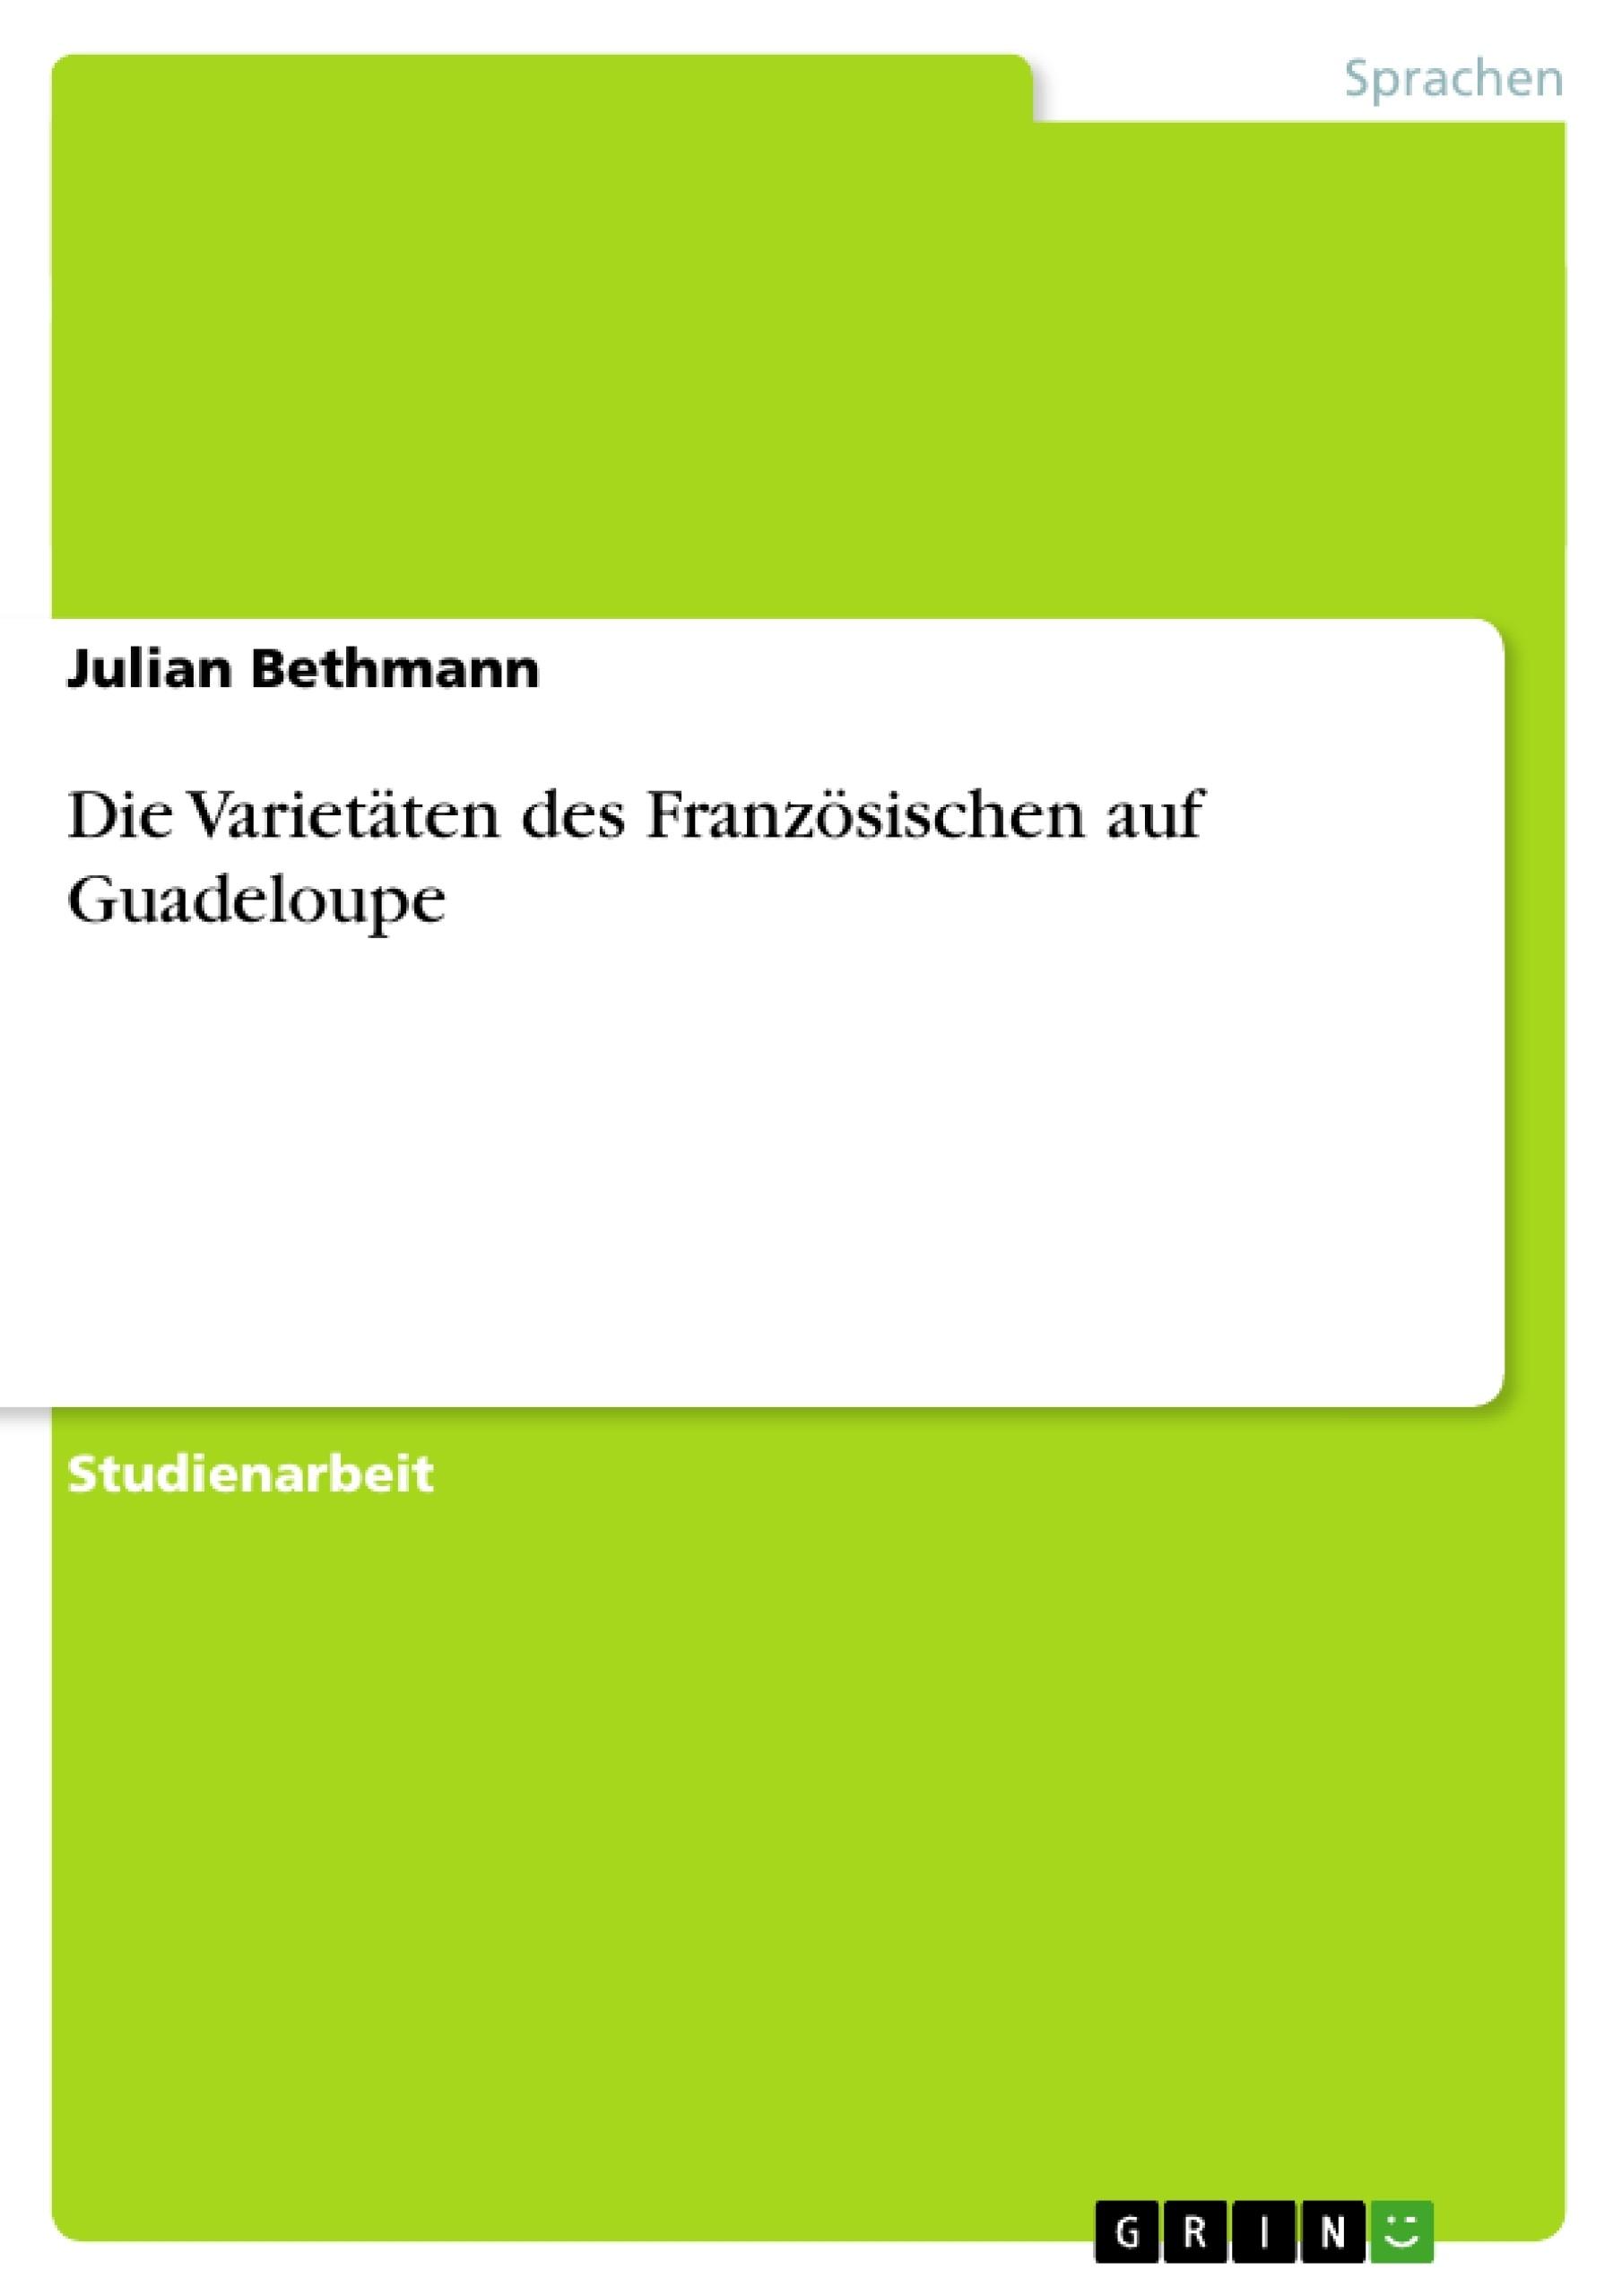 Titel: Die Varietäten des Französischen auf Guadeloupe